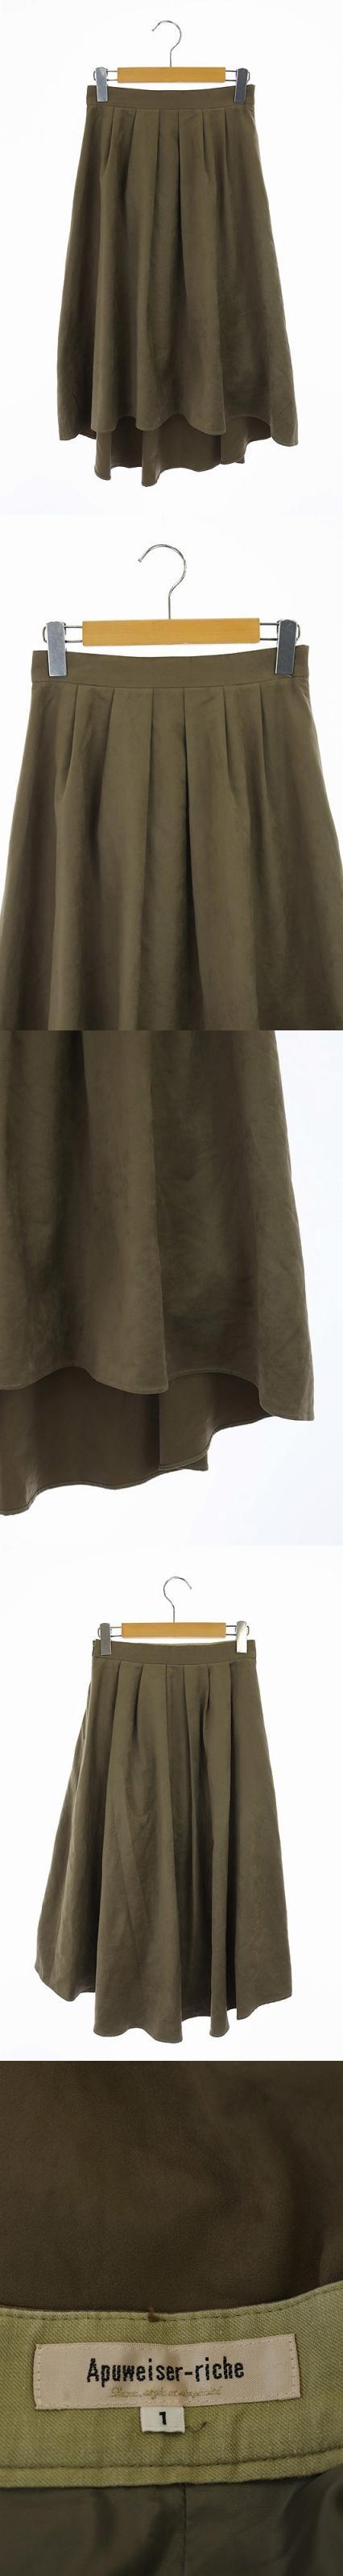 スカート ロング ミモレ フレア タック フェイクスエード フィッシュテール 1 カーキ /ES ■OS